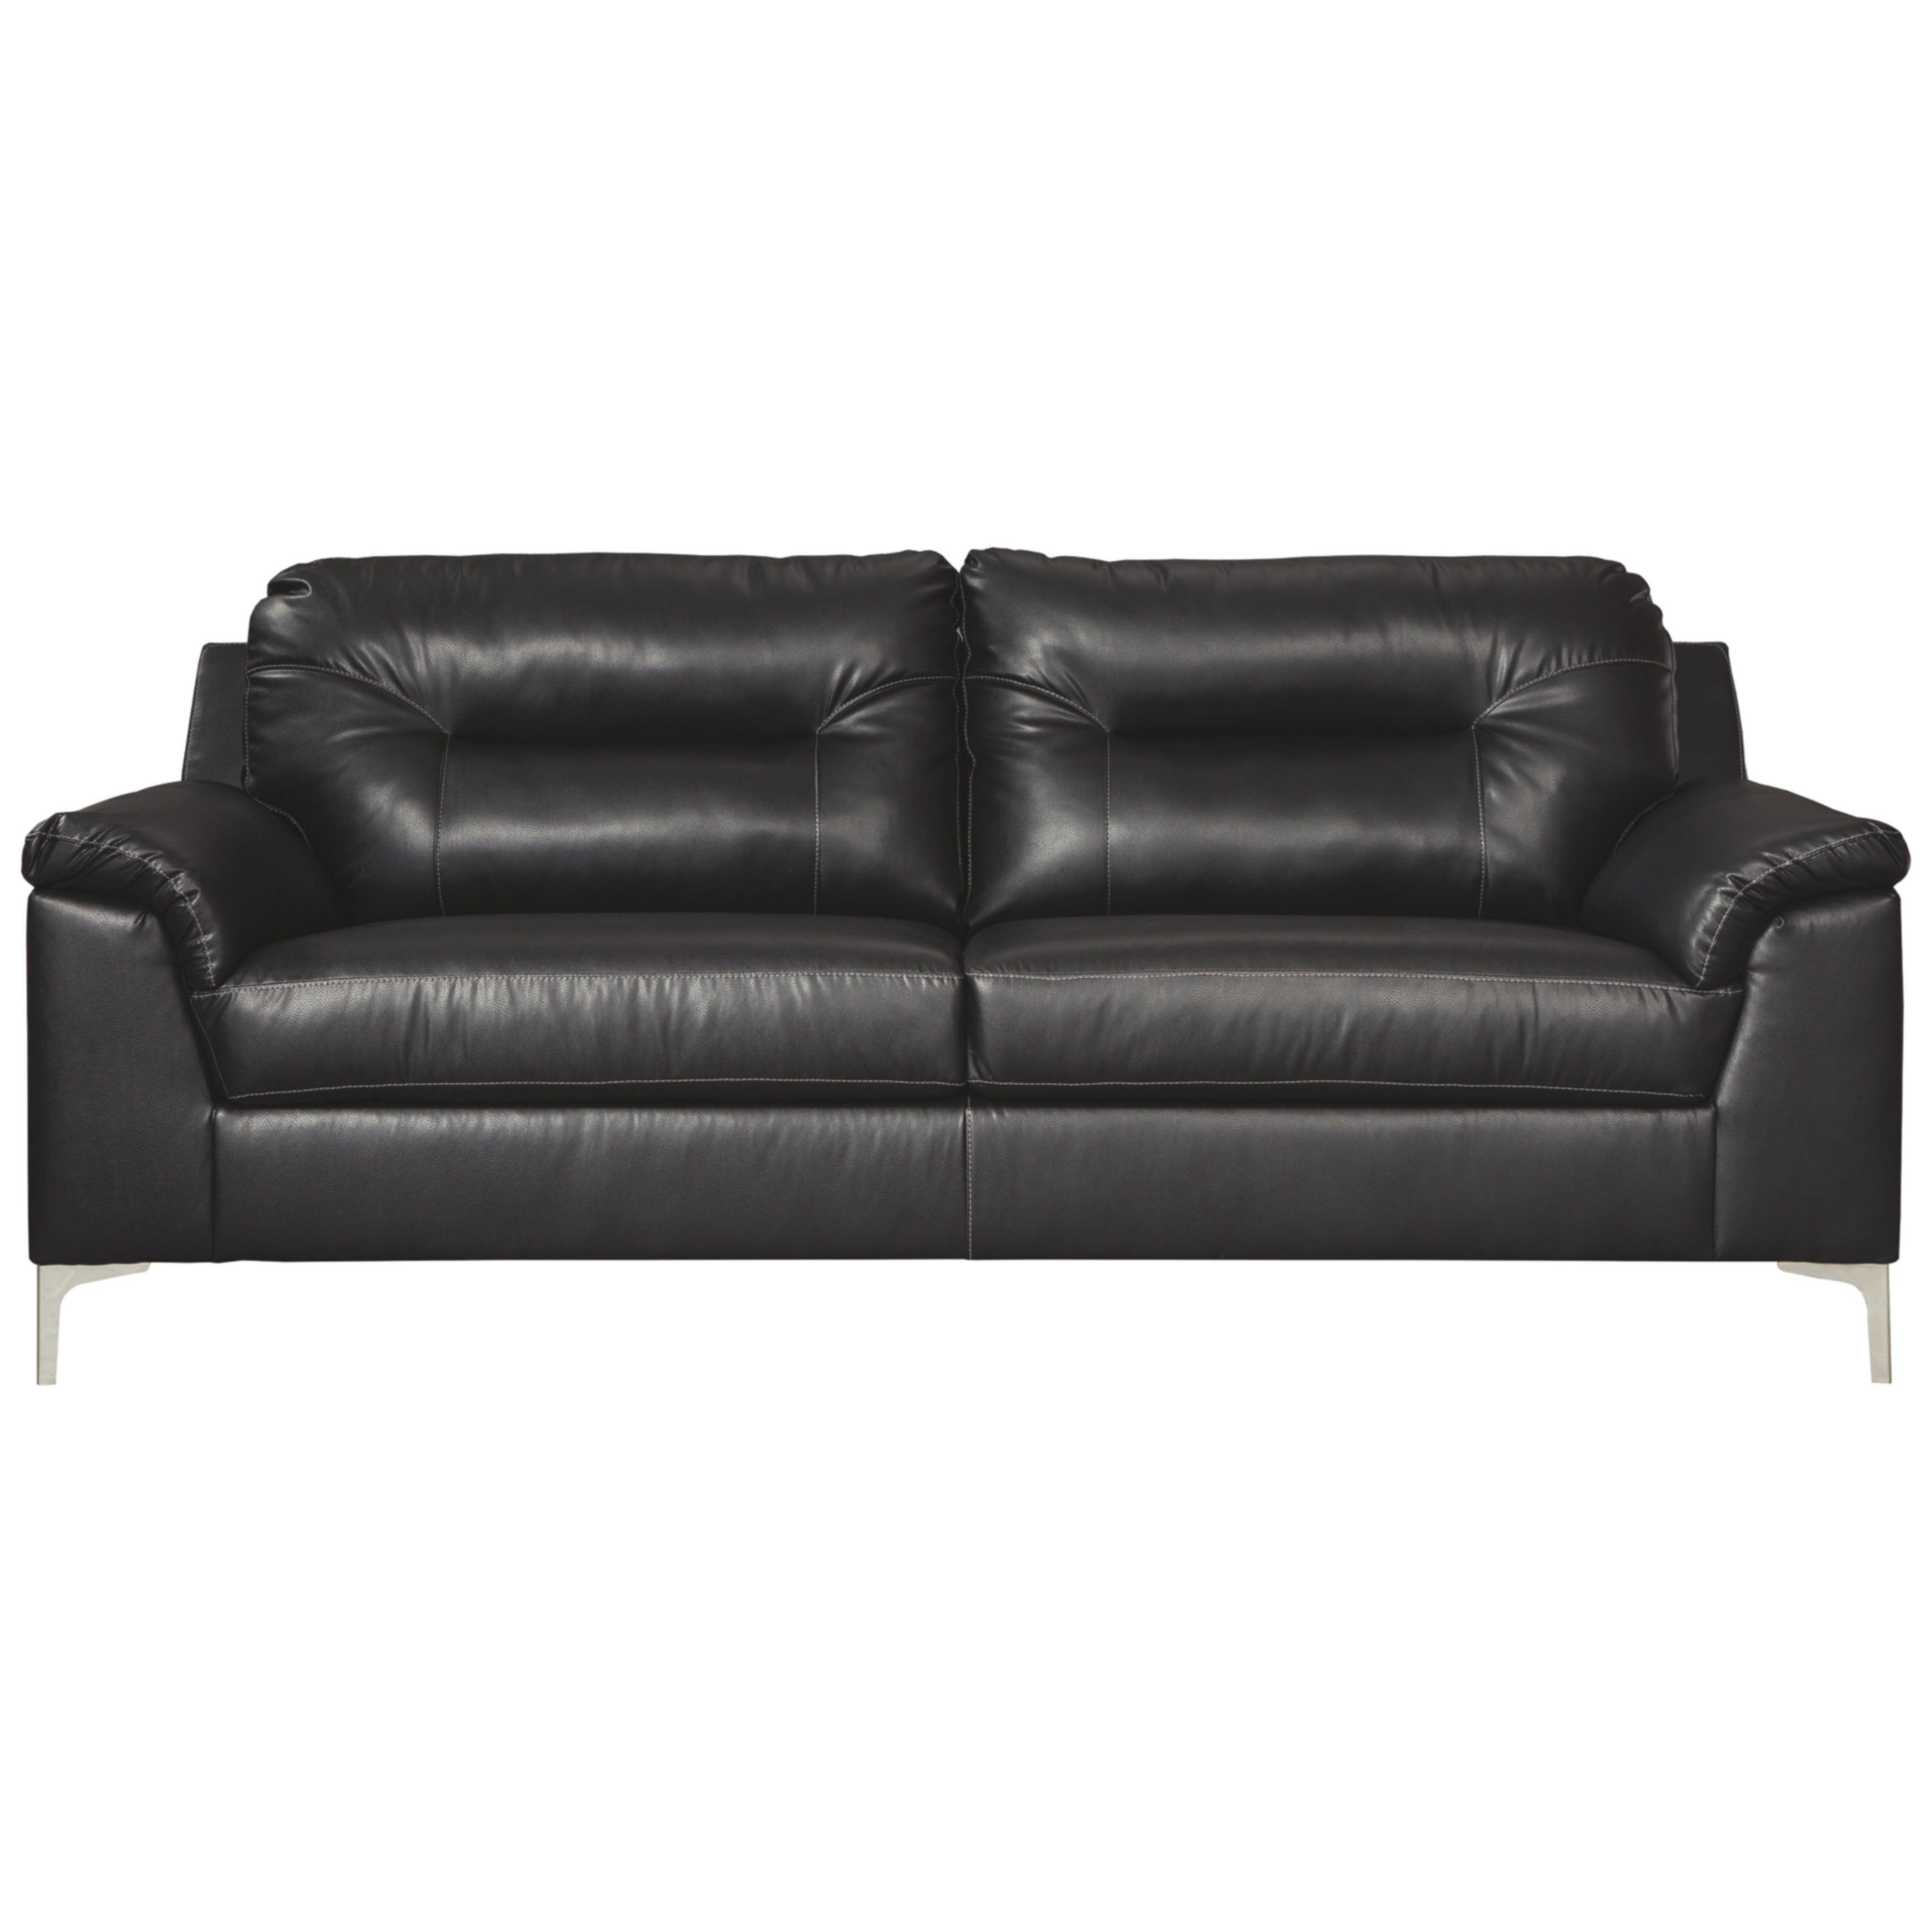 Signature Design by Ashley Tensas Contemporary Black Sofa